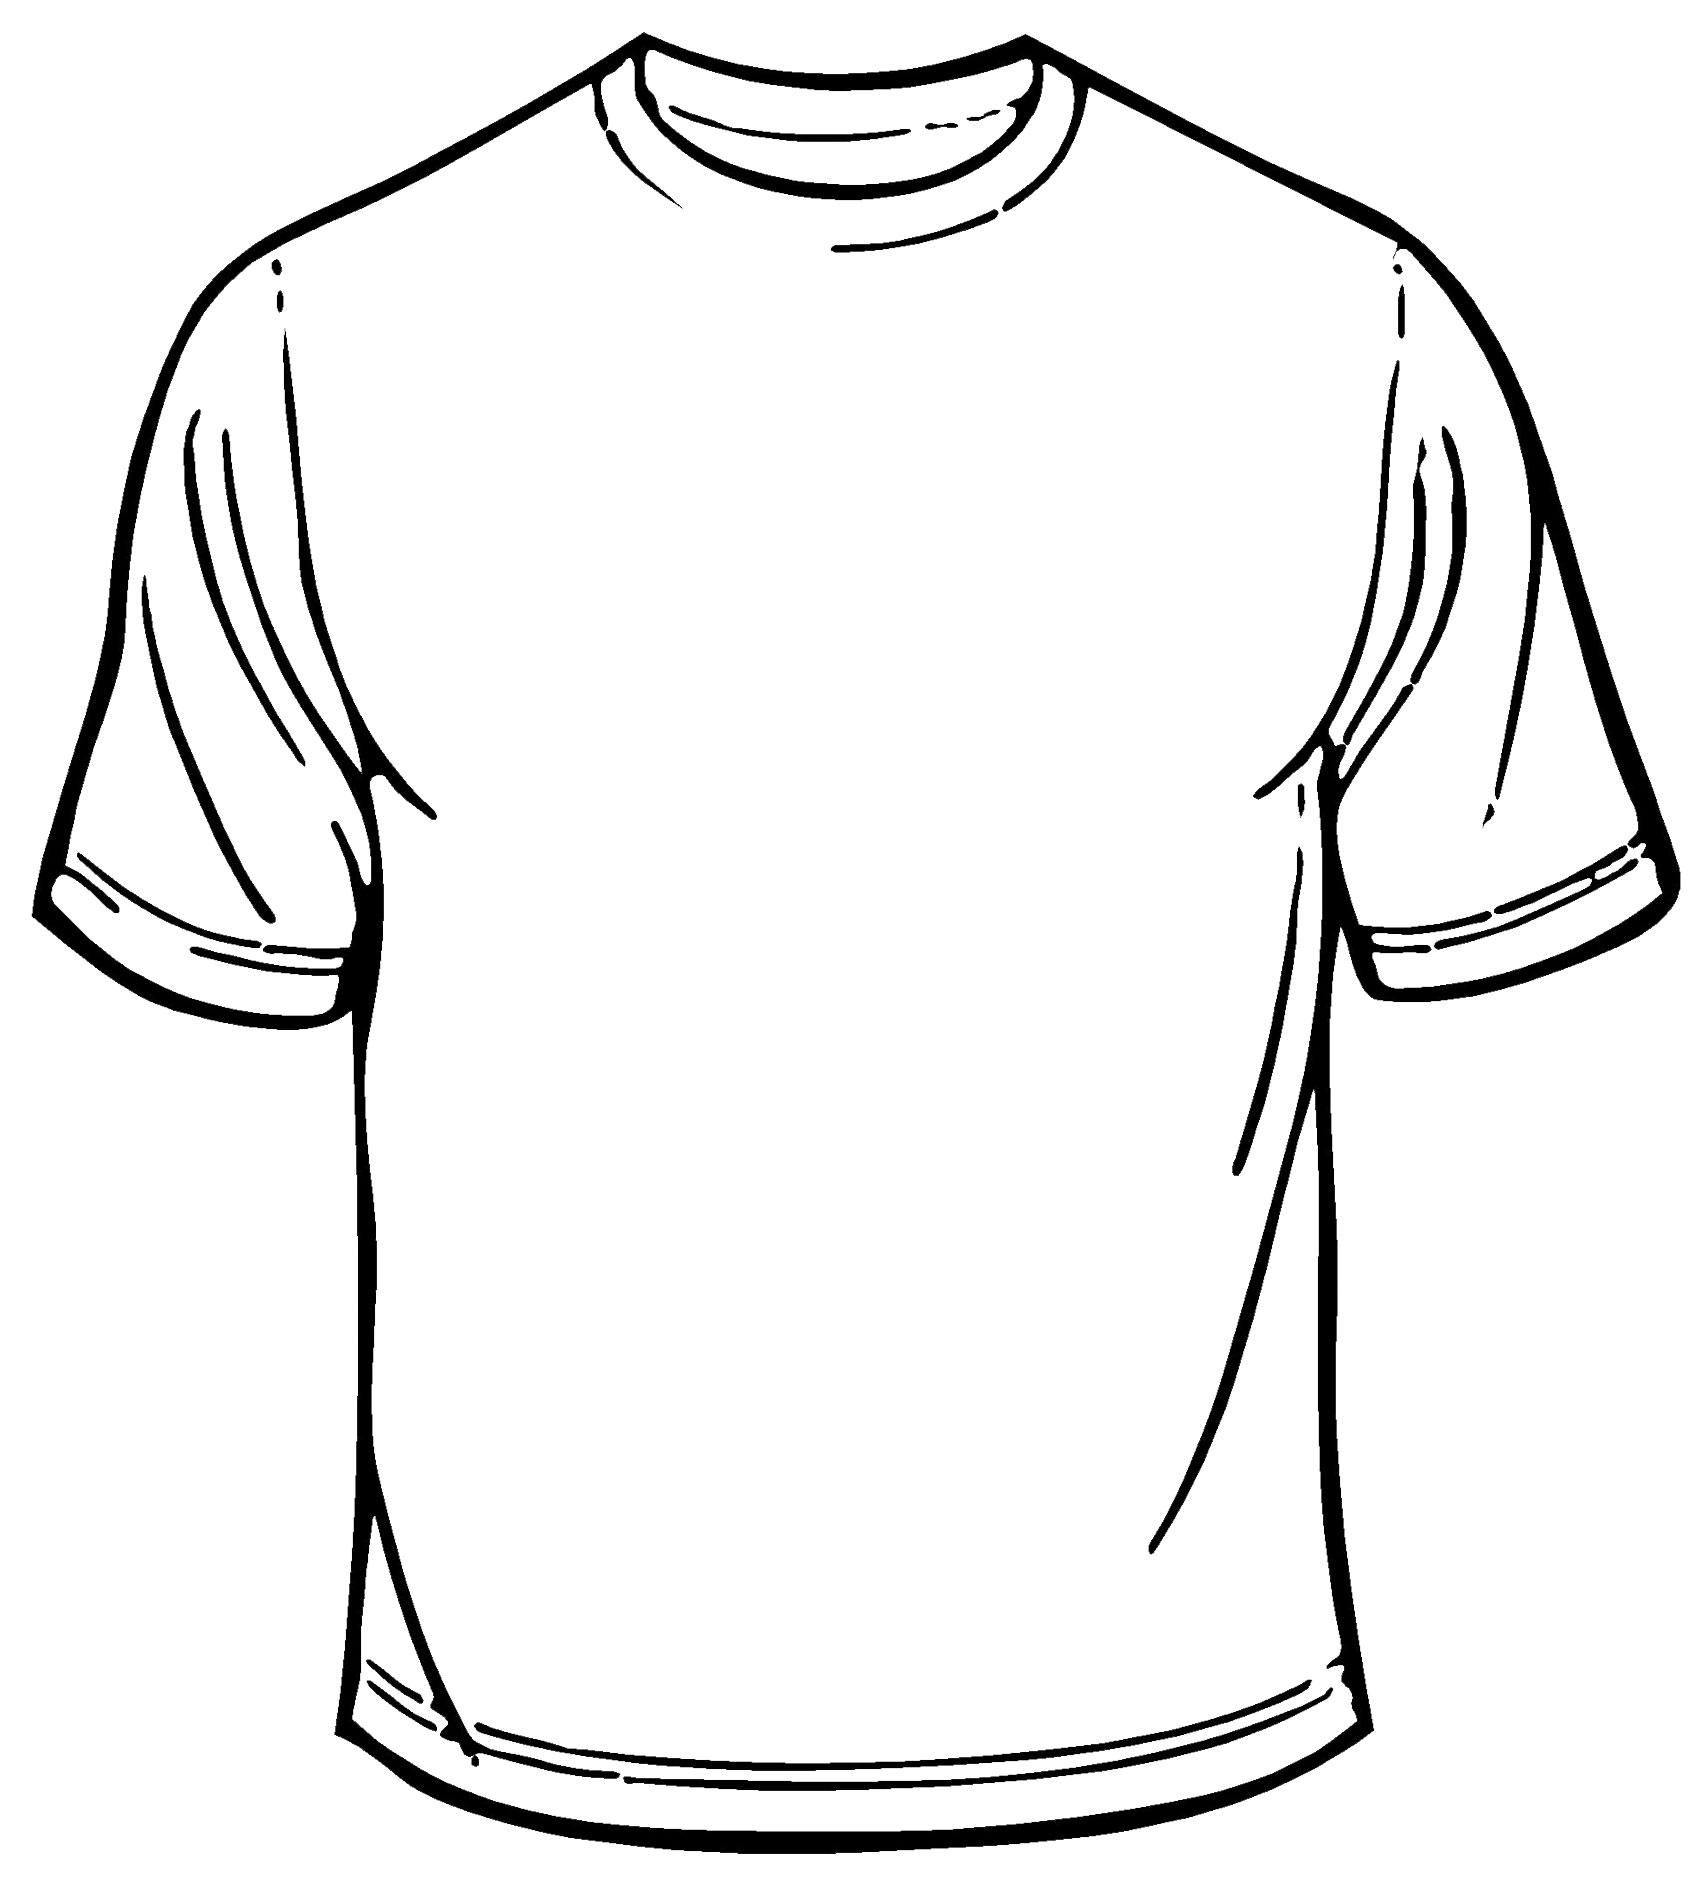 T Shirt Template Blank